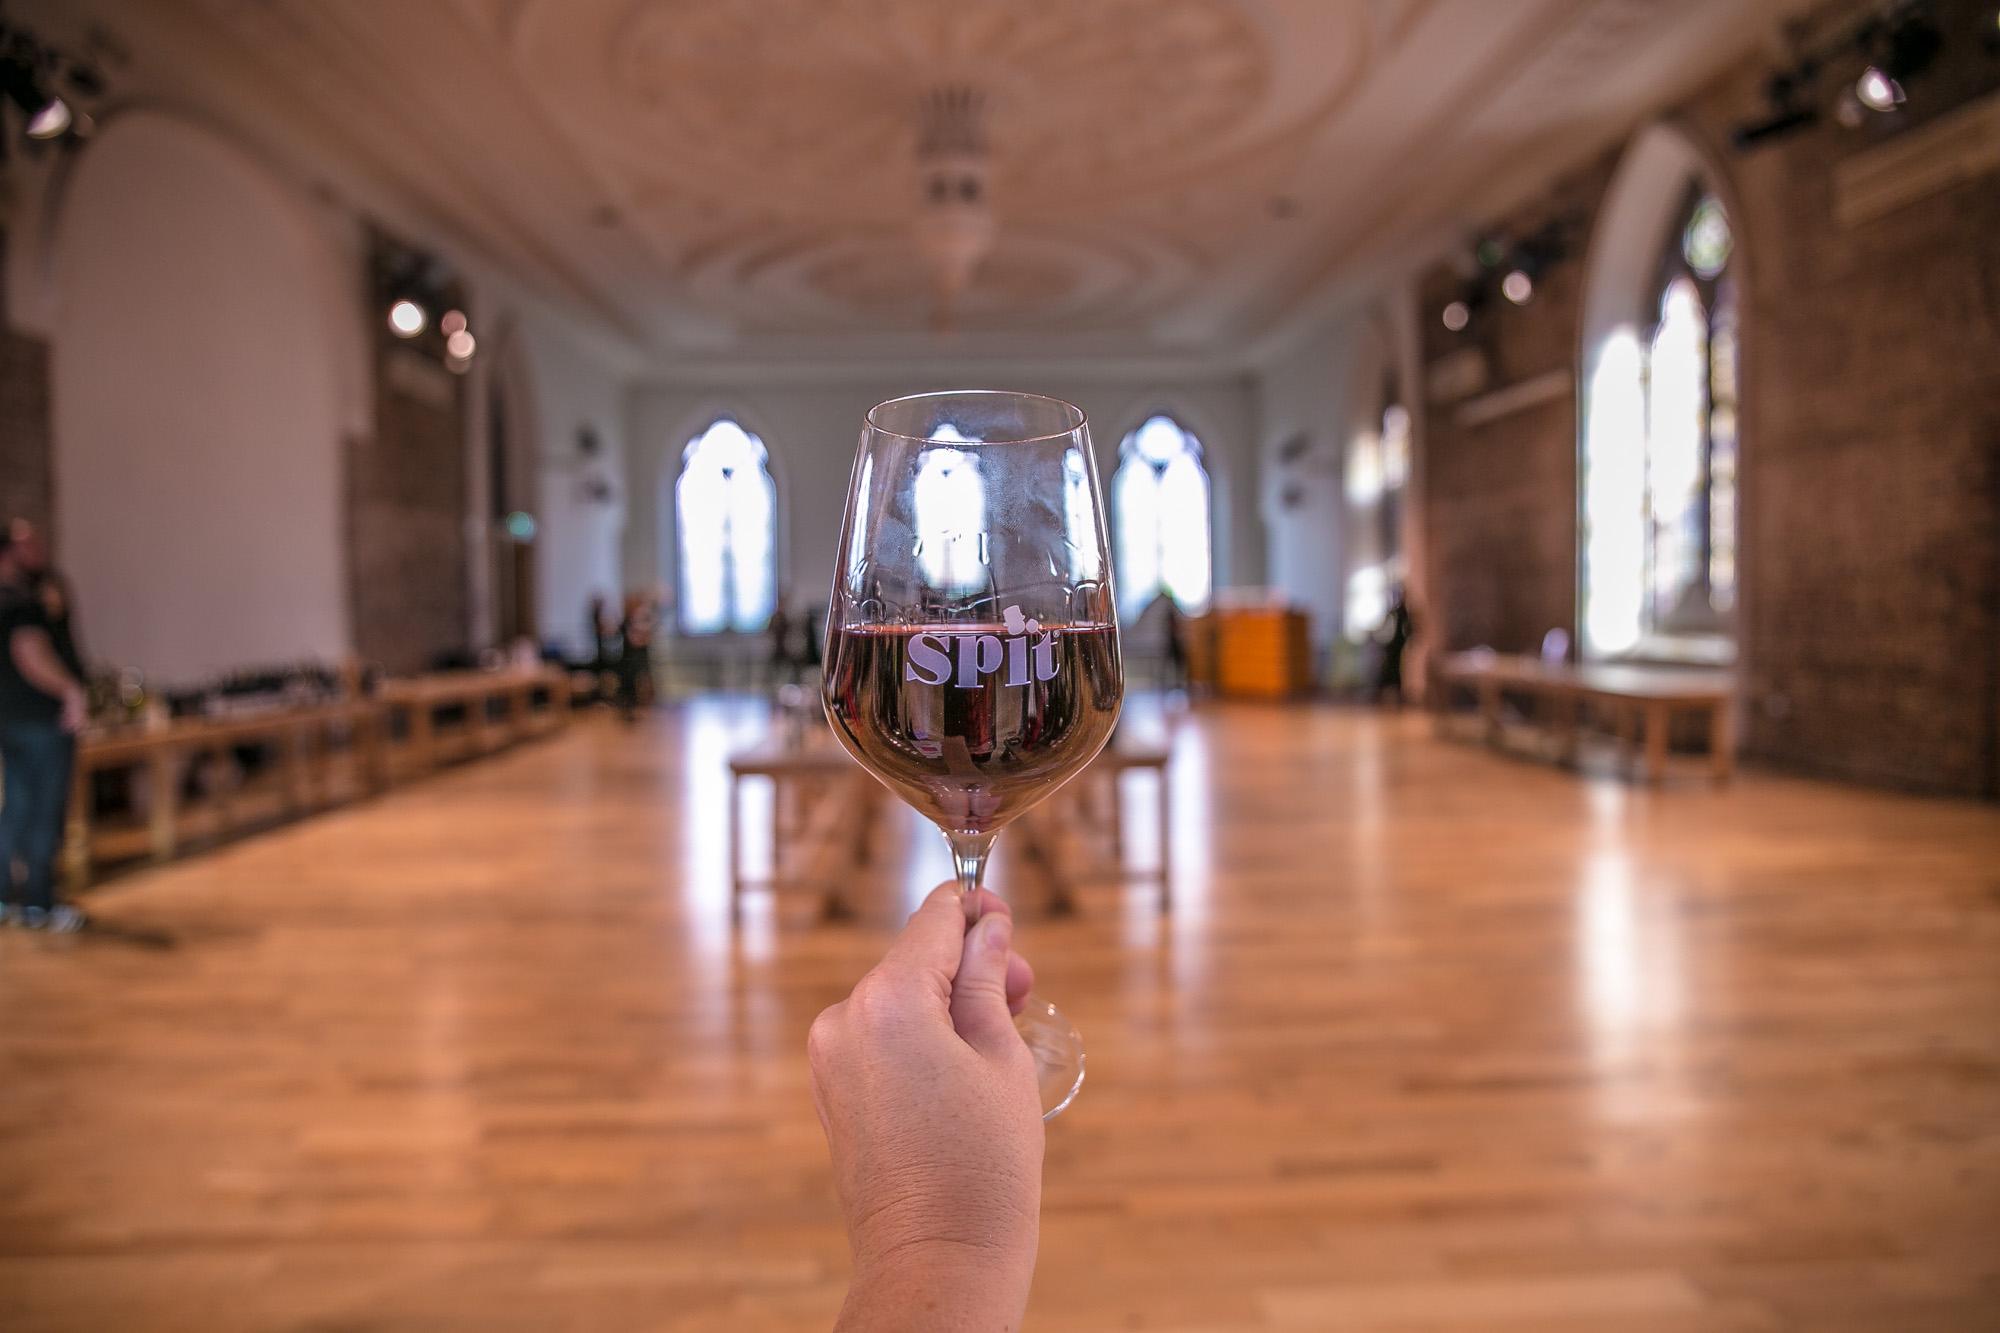 Spit Wine Fest 2016-1728.jpg